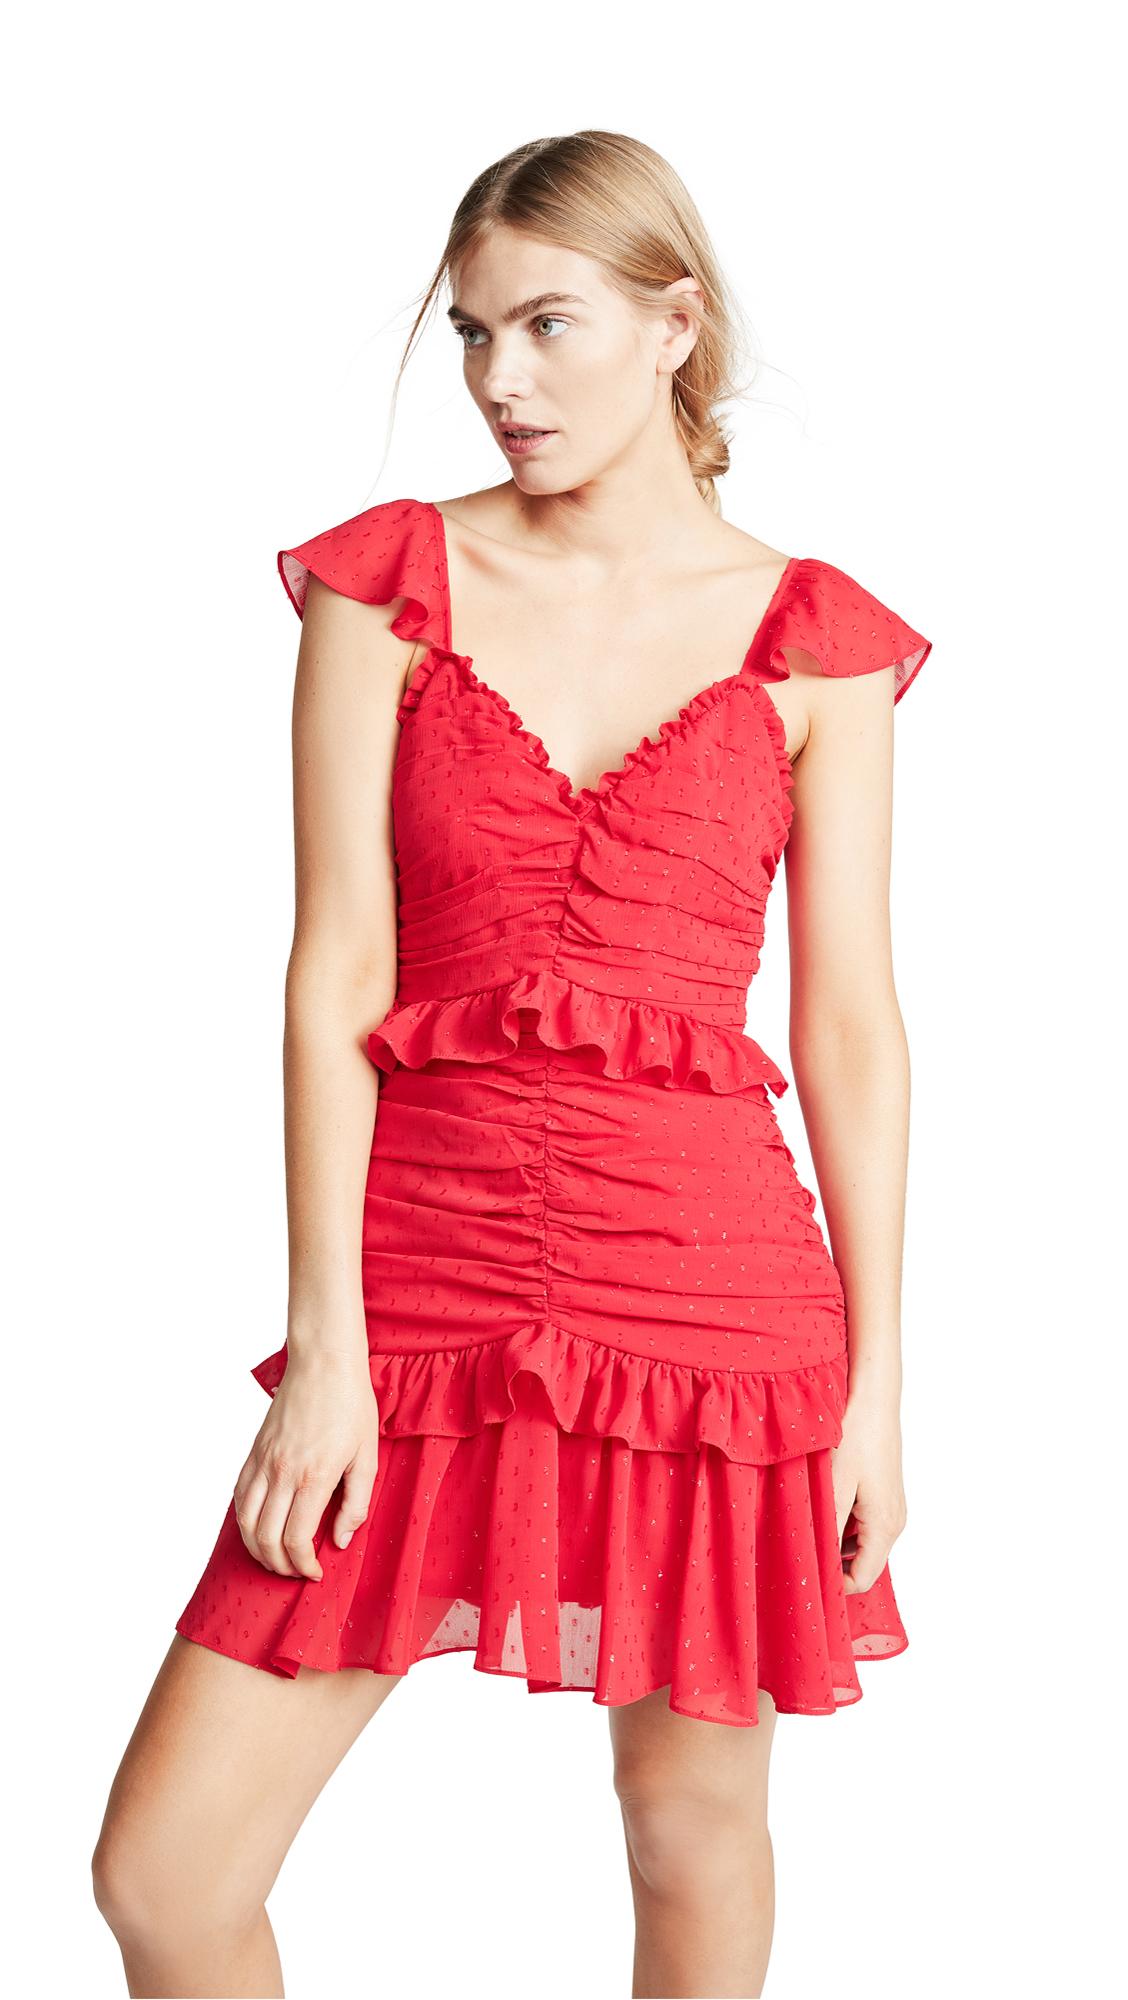 La Maison Talulah Rue Mini Dress - Red